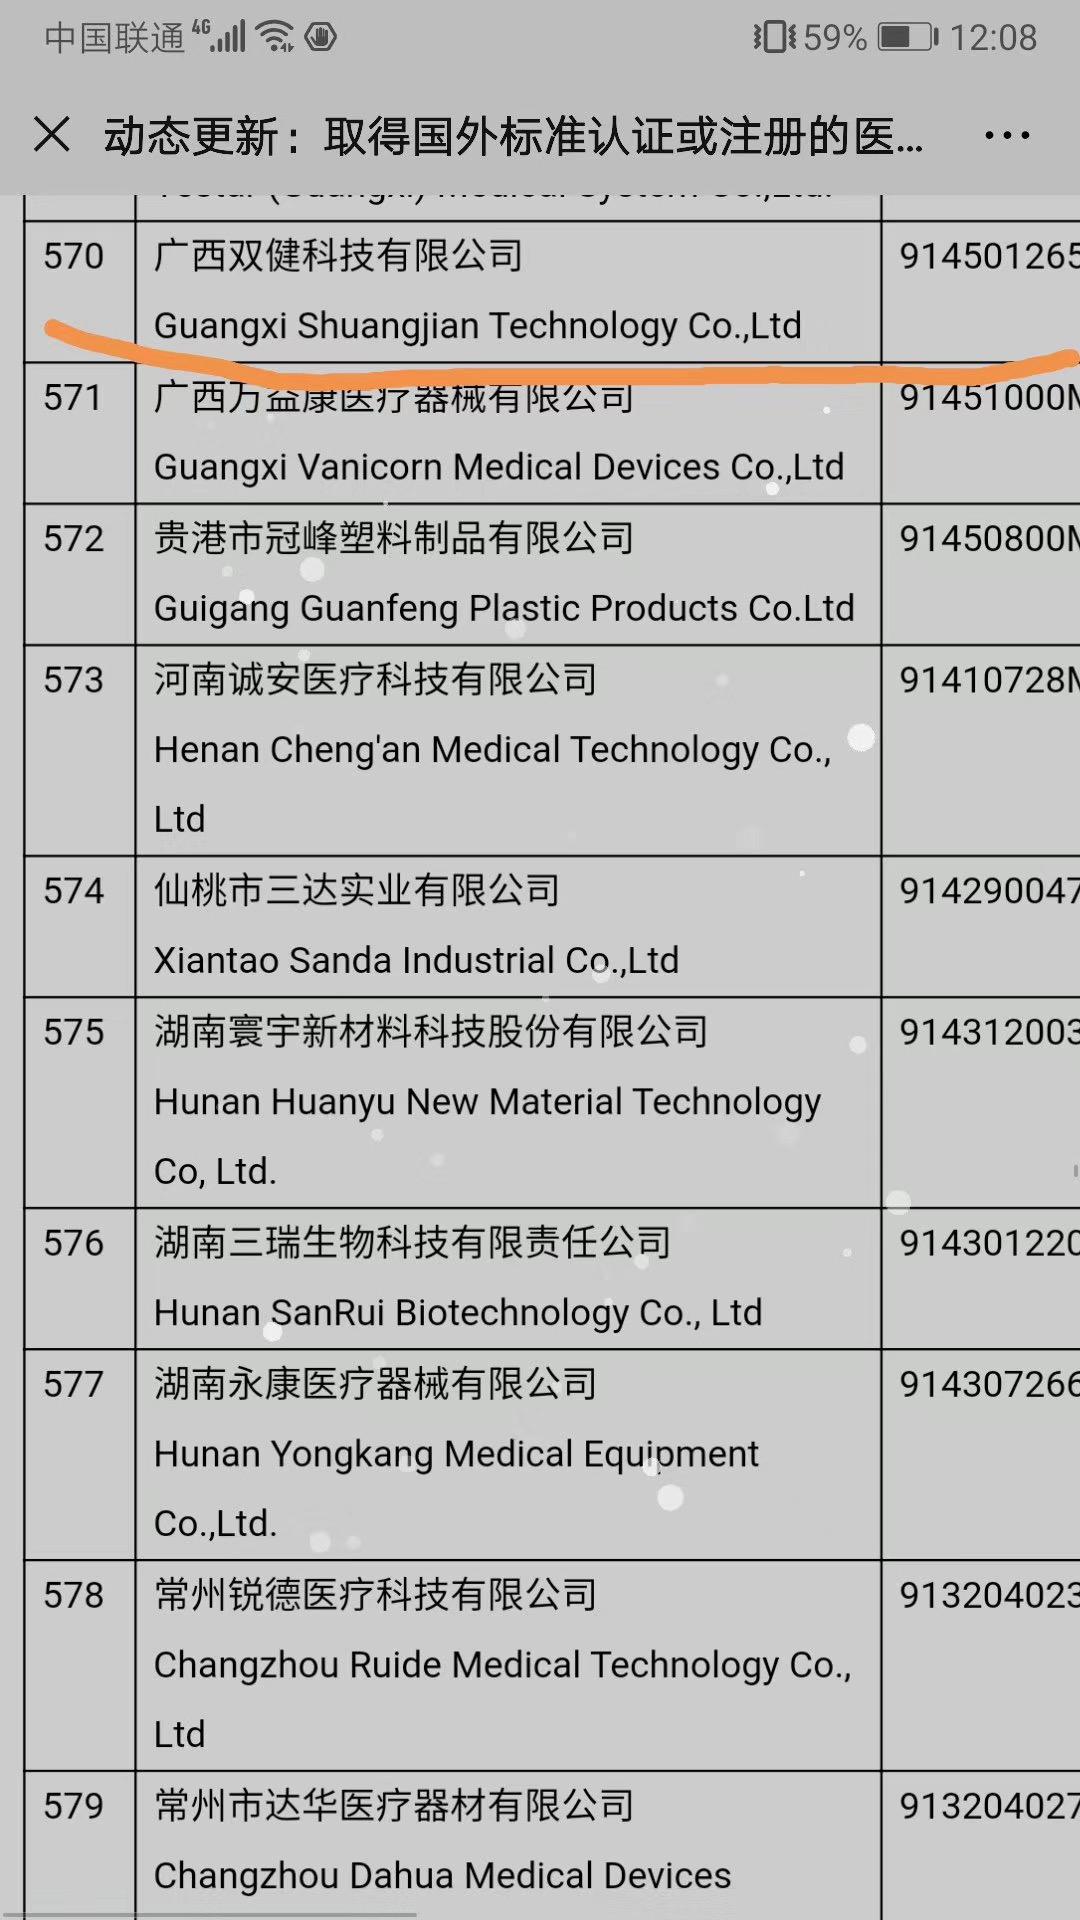 广西双健科技